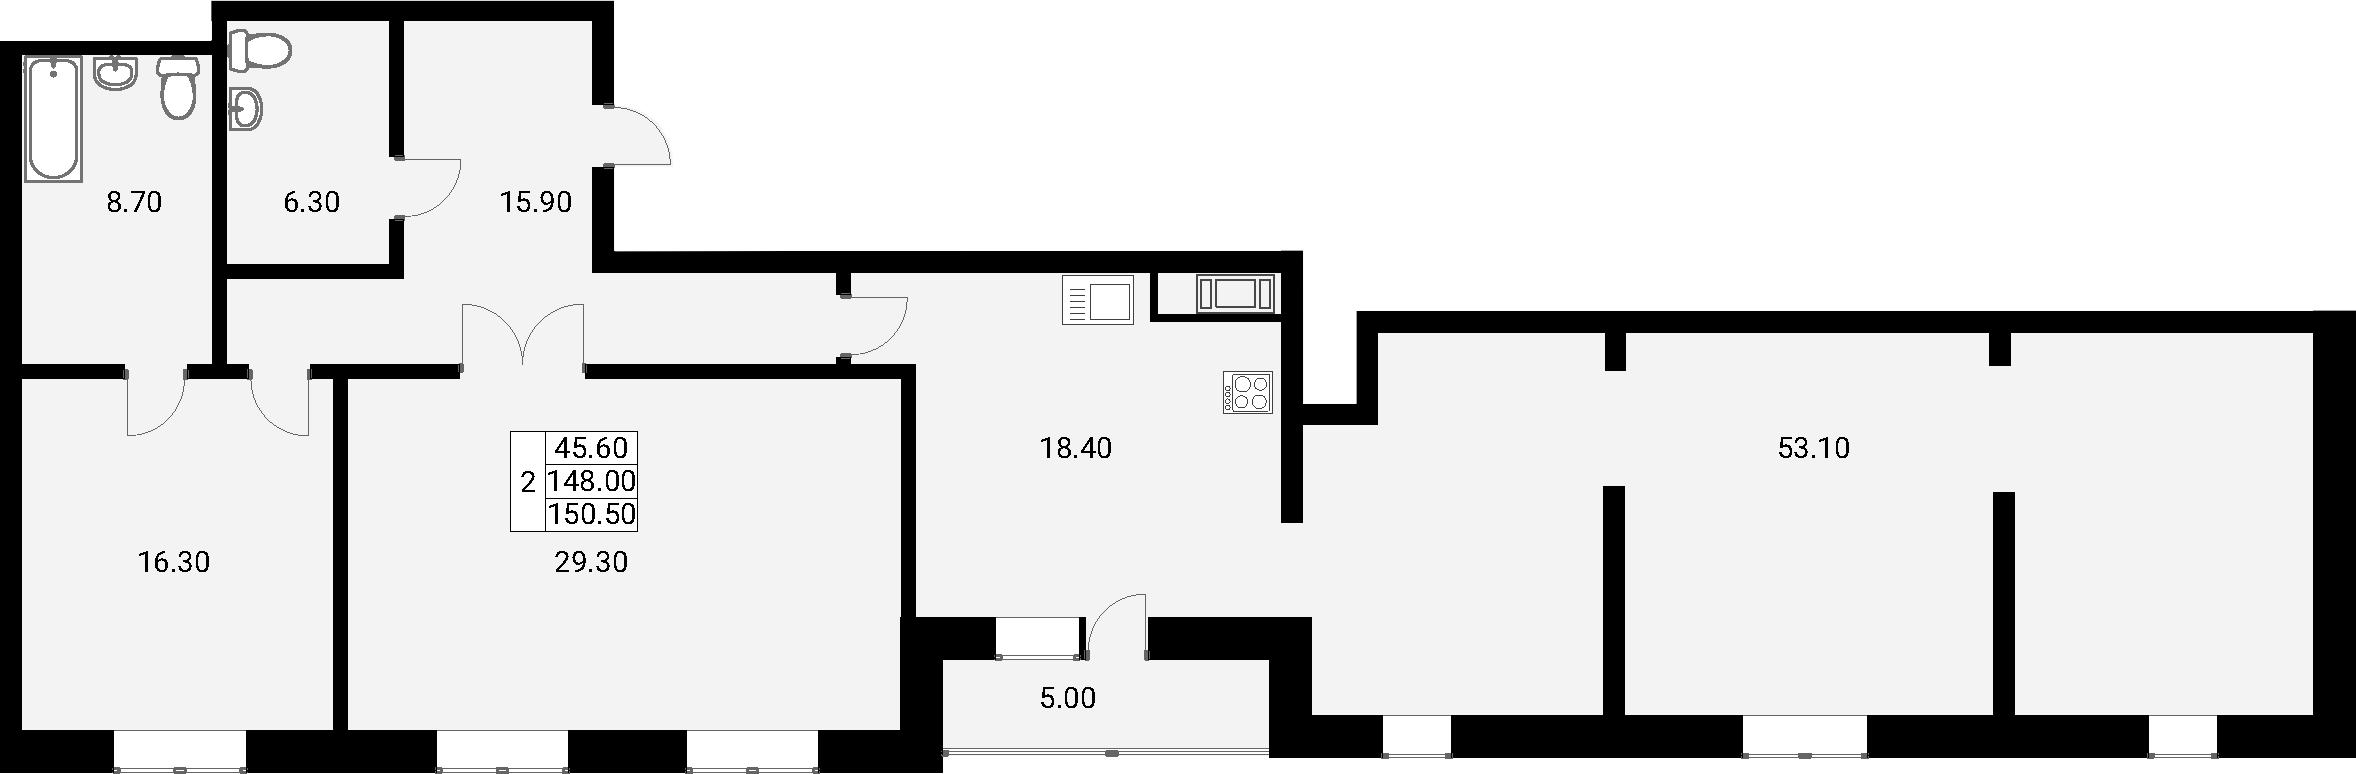 3-к.кв, 153 м²